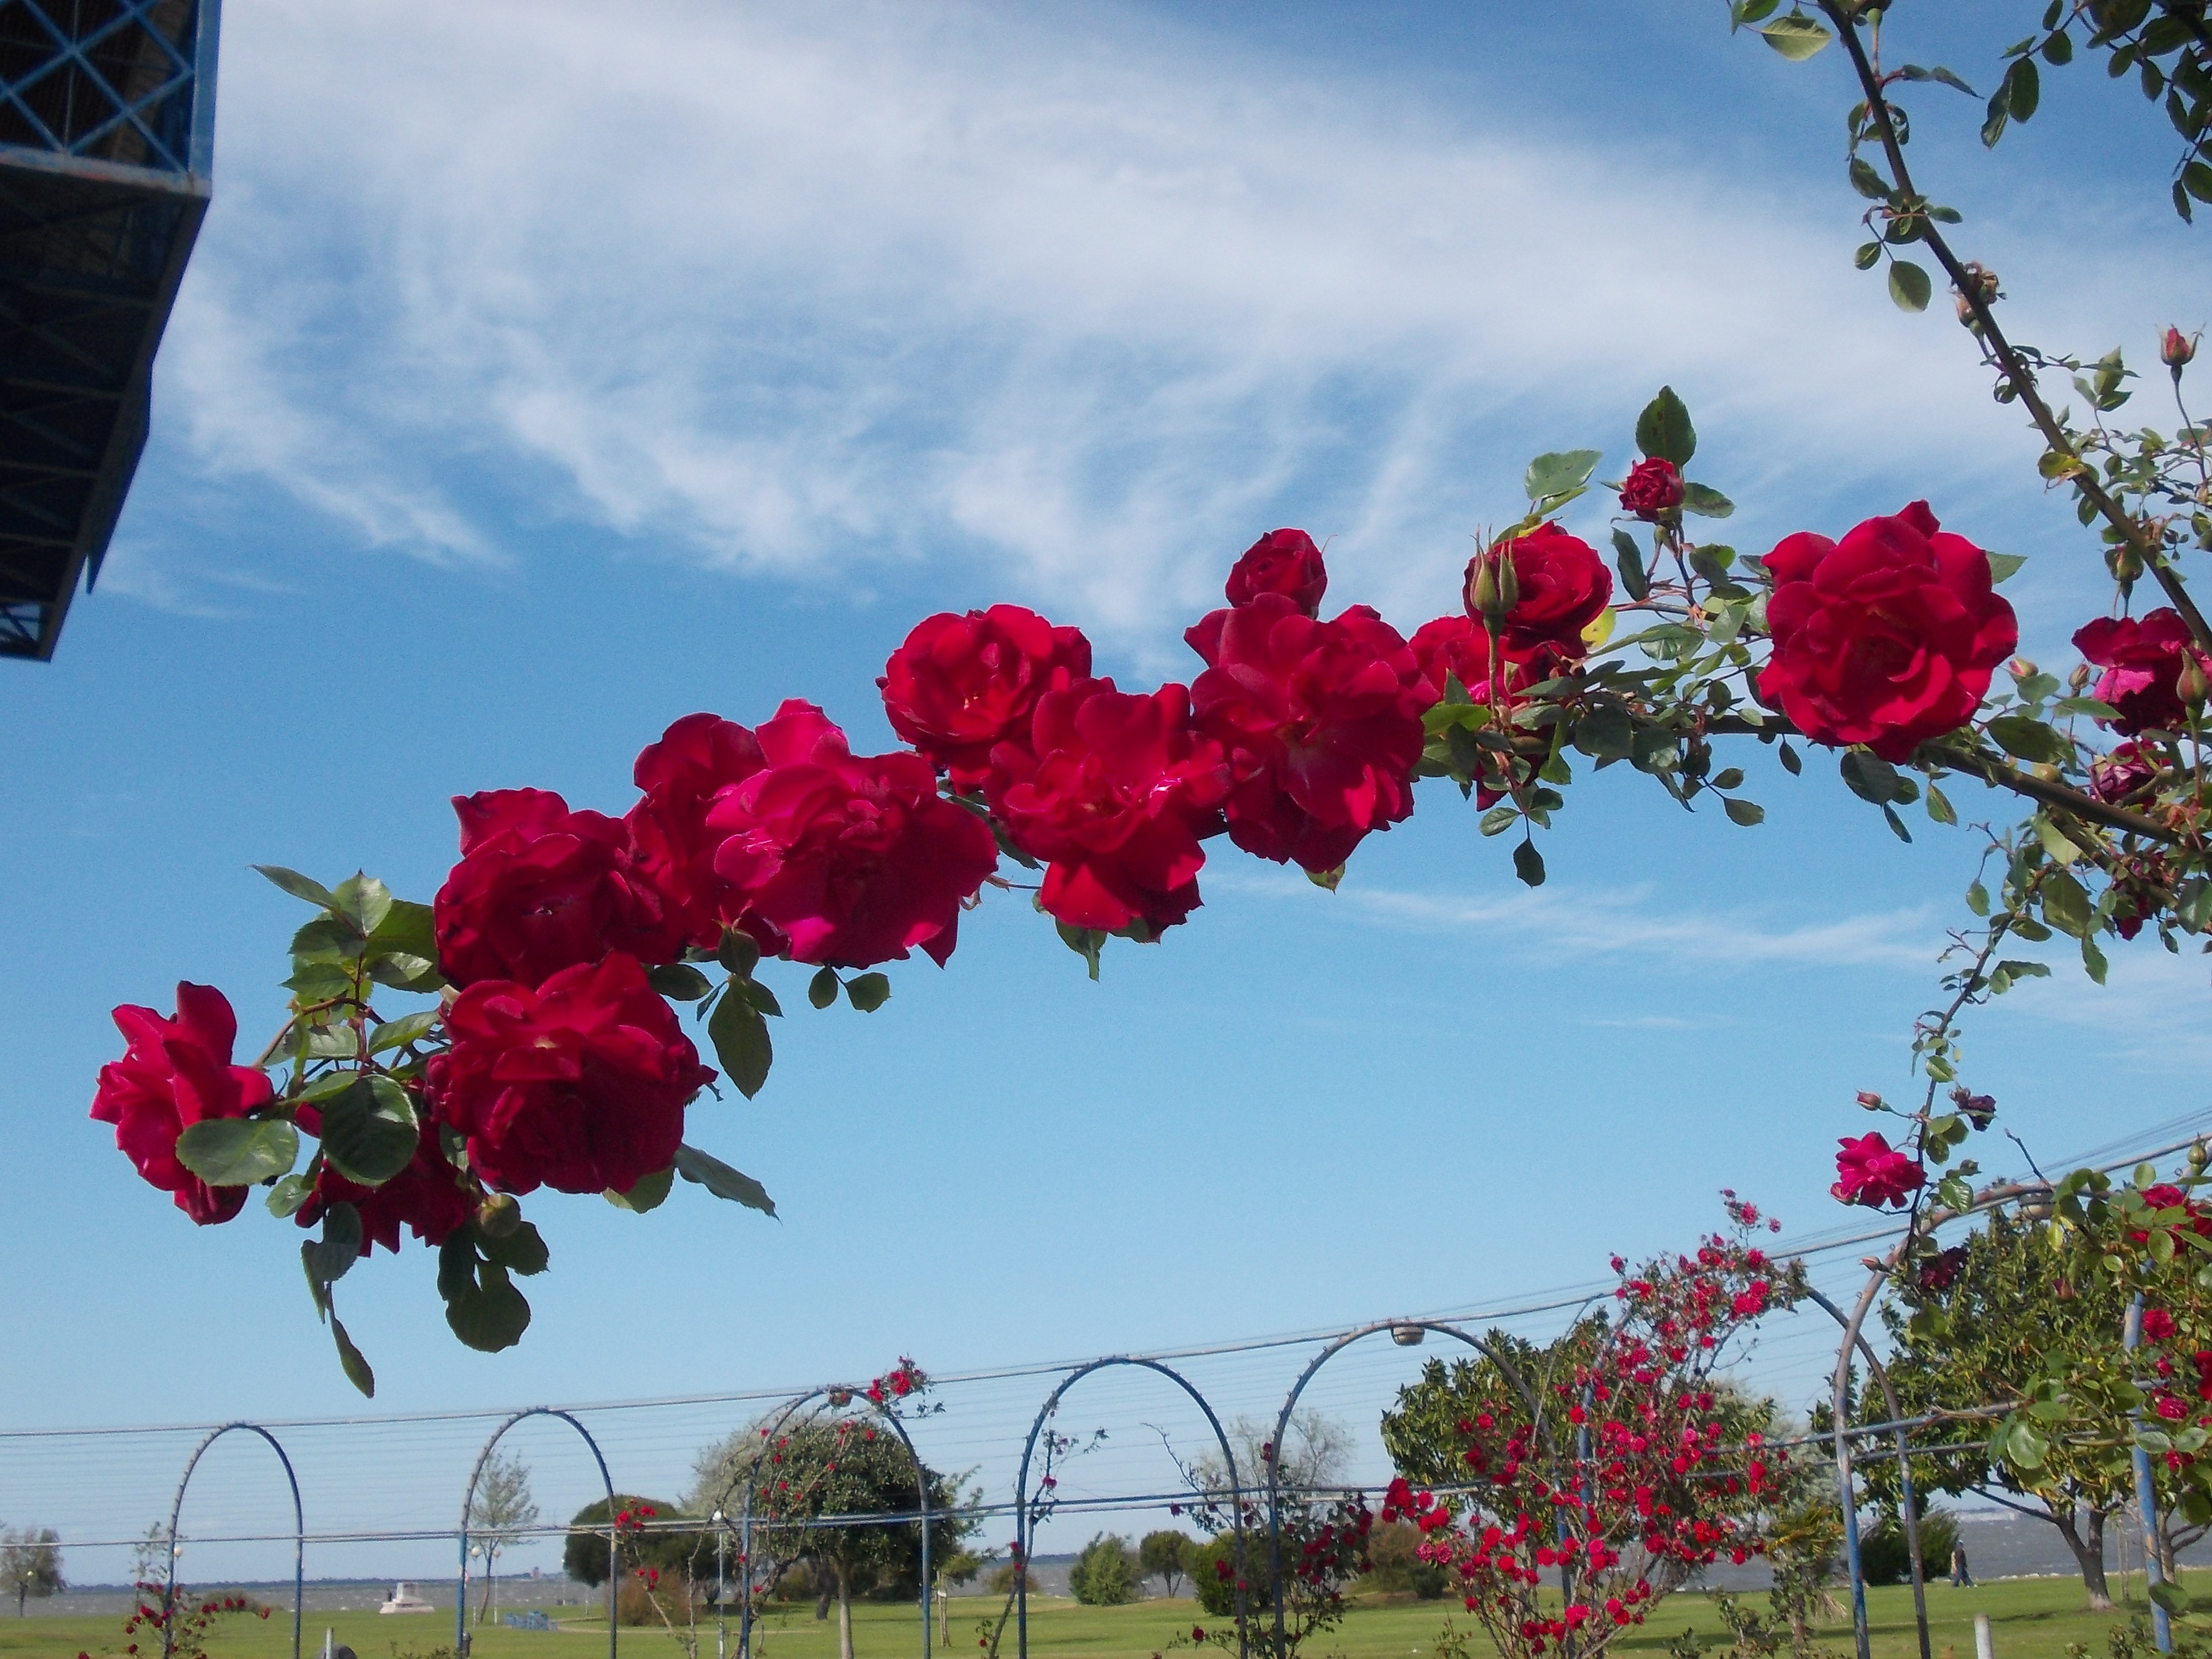 flores jardim primavera:Imagens do Autor………Flores da Primavera em Portugal